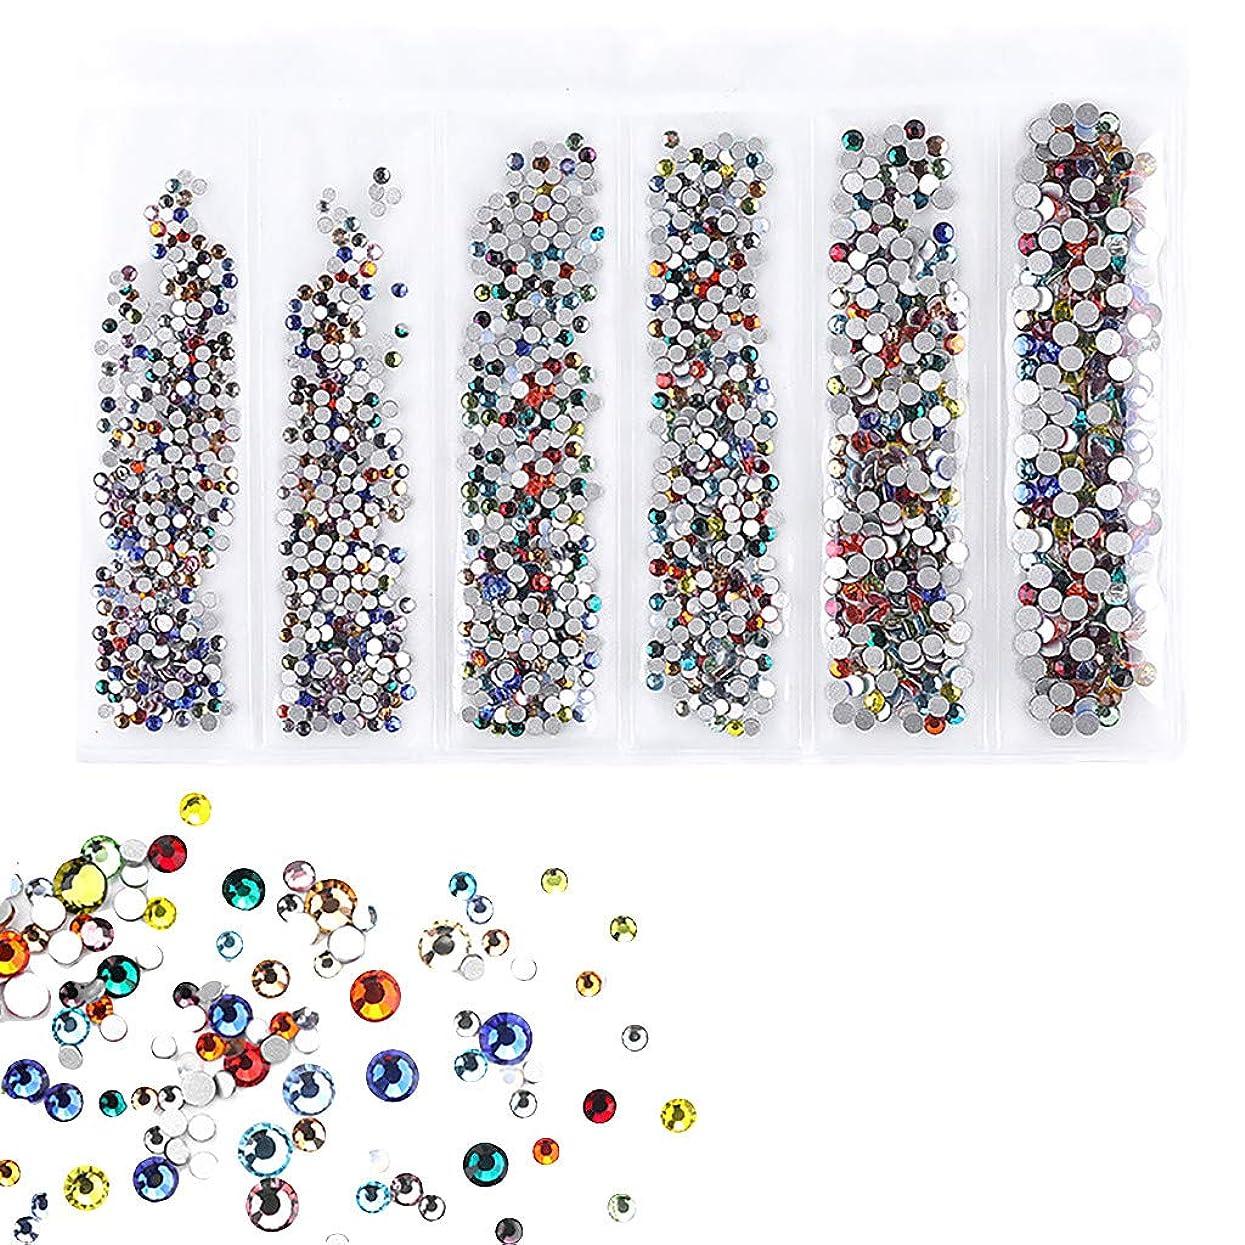 モーテルマザーランド不規則なPosmant 便利な 高品質 耐久性あり カラフル 美容 ツール ネイル用品 ネイルドリル マニキュア ペディキュアファッション パーティー 多目的 マニキュア メイク 複数の色 選択できます 携帯便利